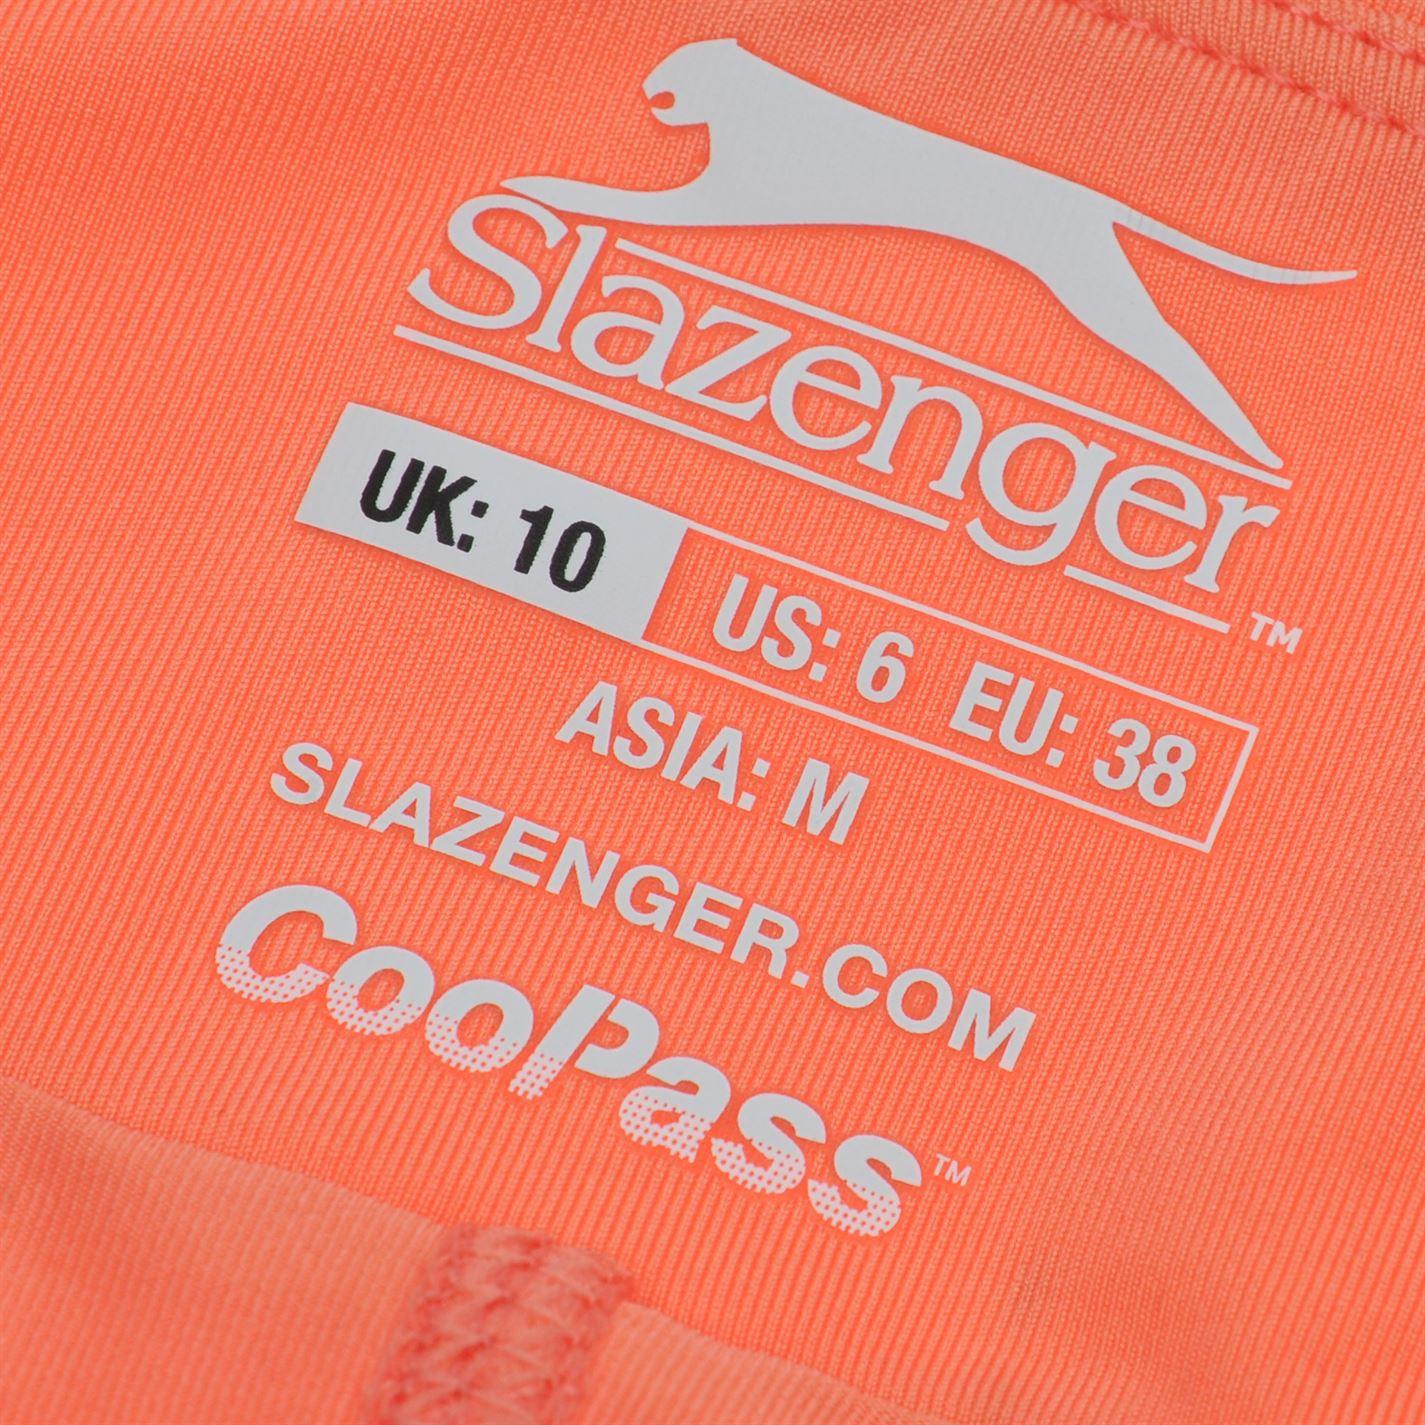 Slazenger Womens Court Skort Performance Breathable Mesh Stretch Colour Block